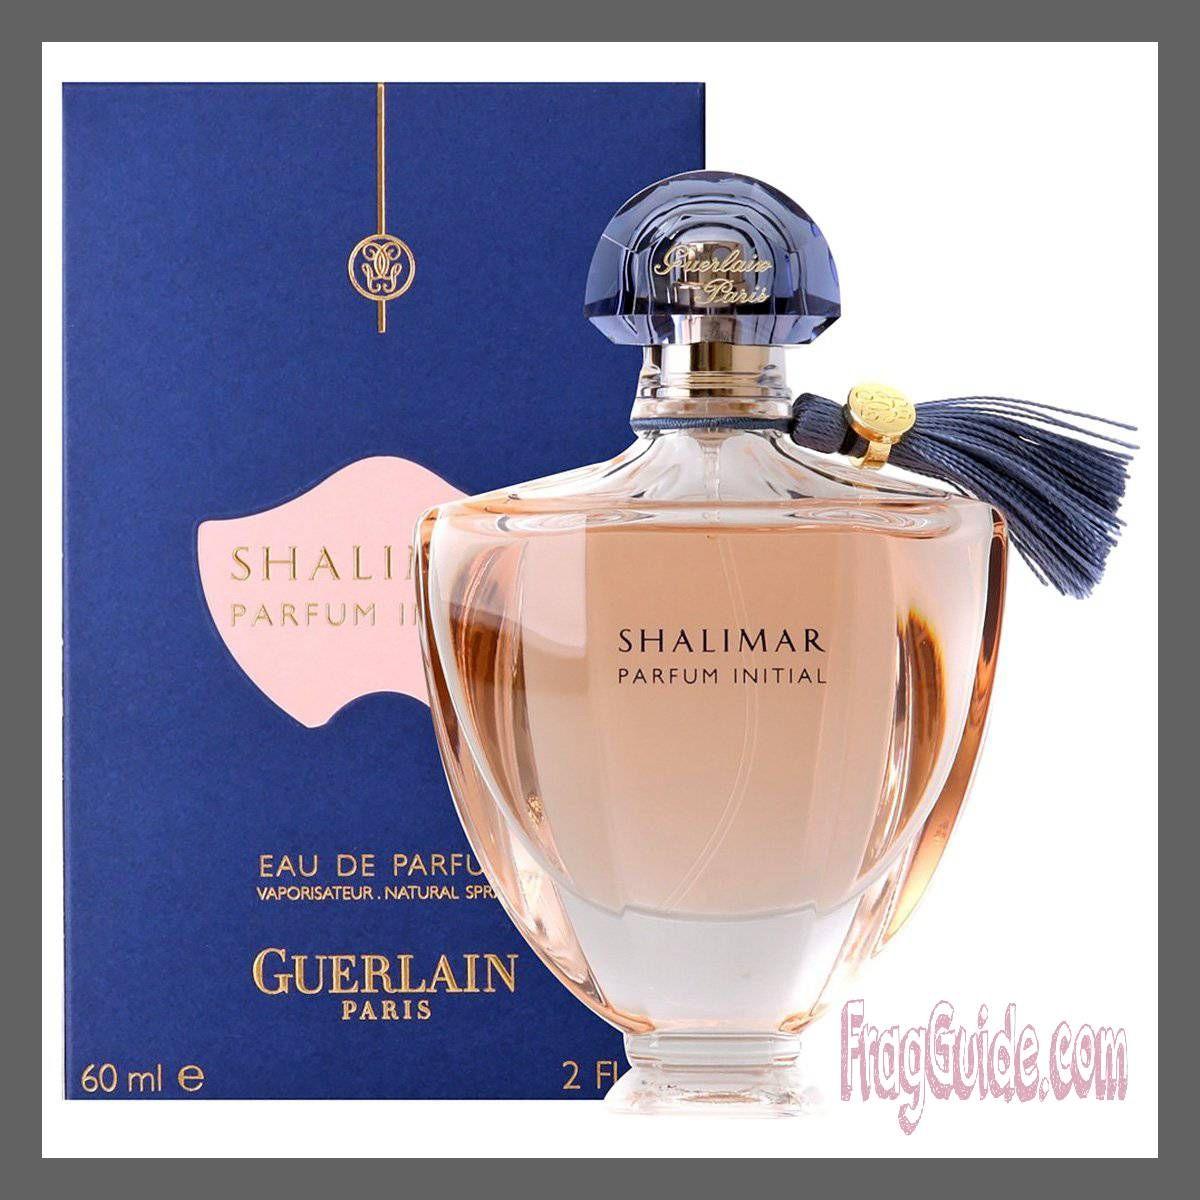 عطر Shalimar Parfum Initial للنساء من جيرلان Guerlain Perfume And Cologne Eau De Parfum Shalimar